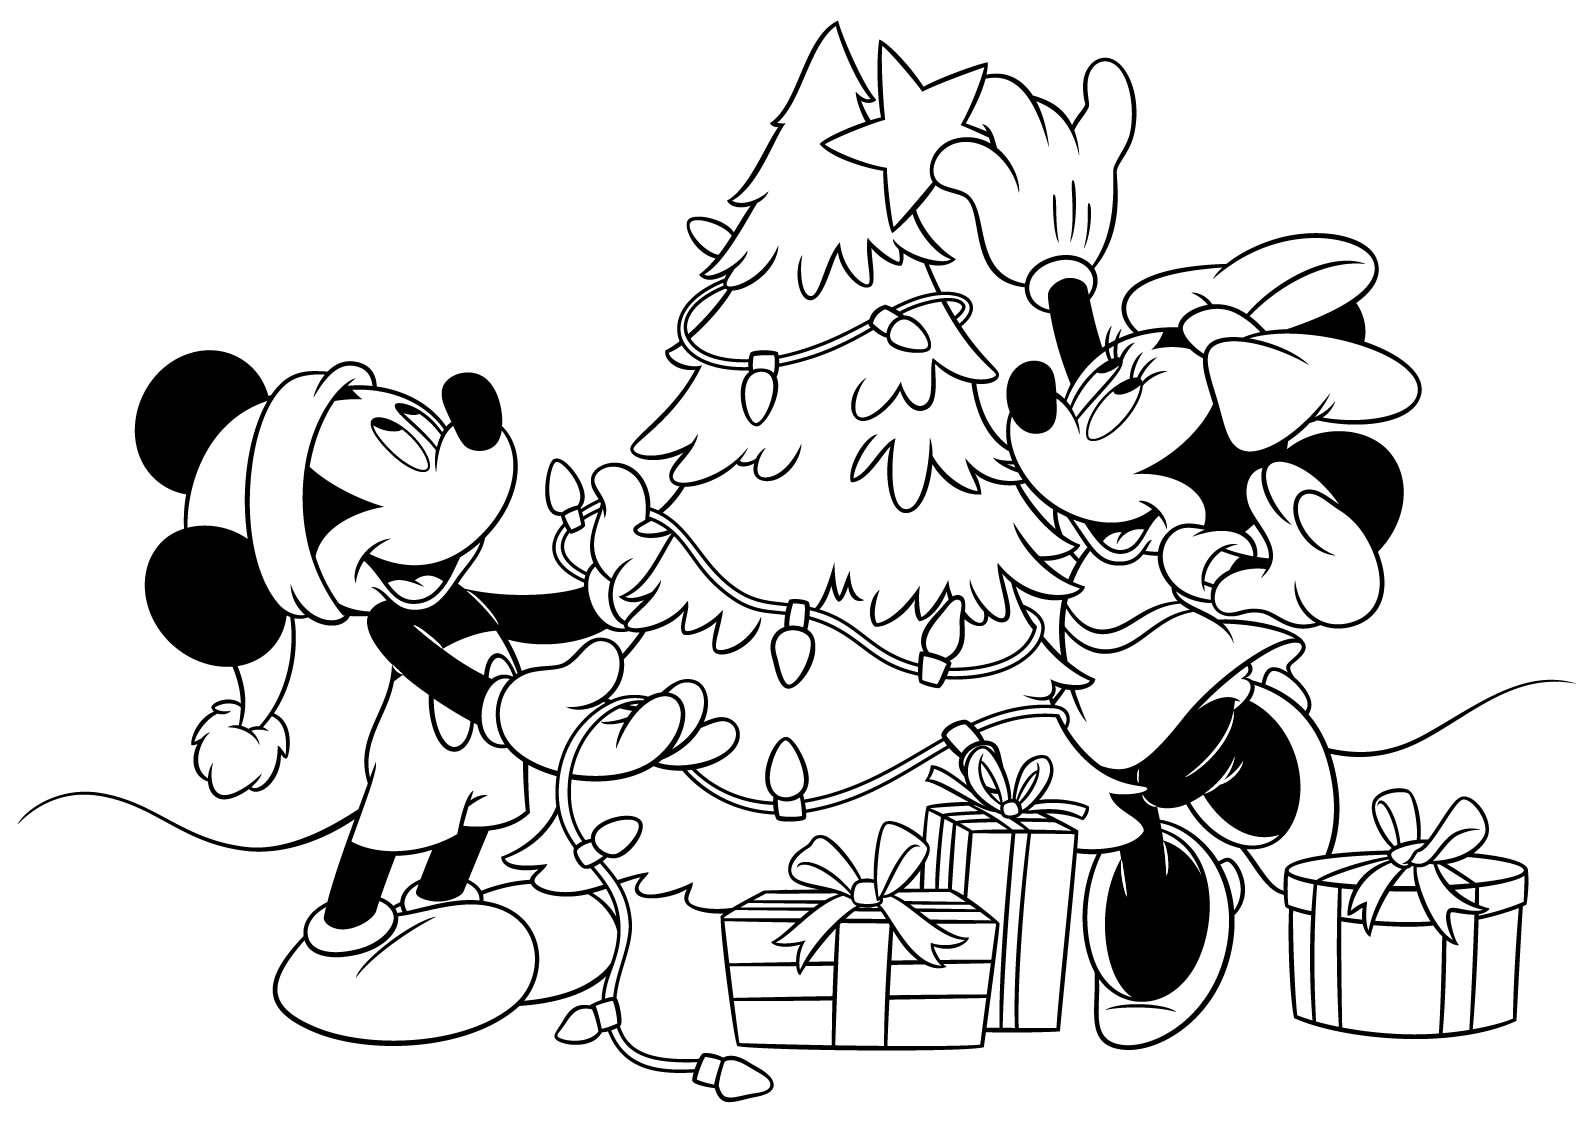 Rato de natal - Oficinas de Natal (4×4)